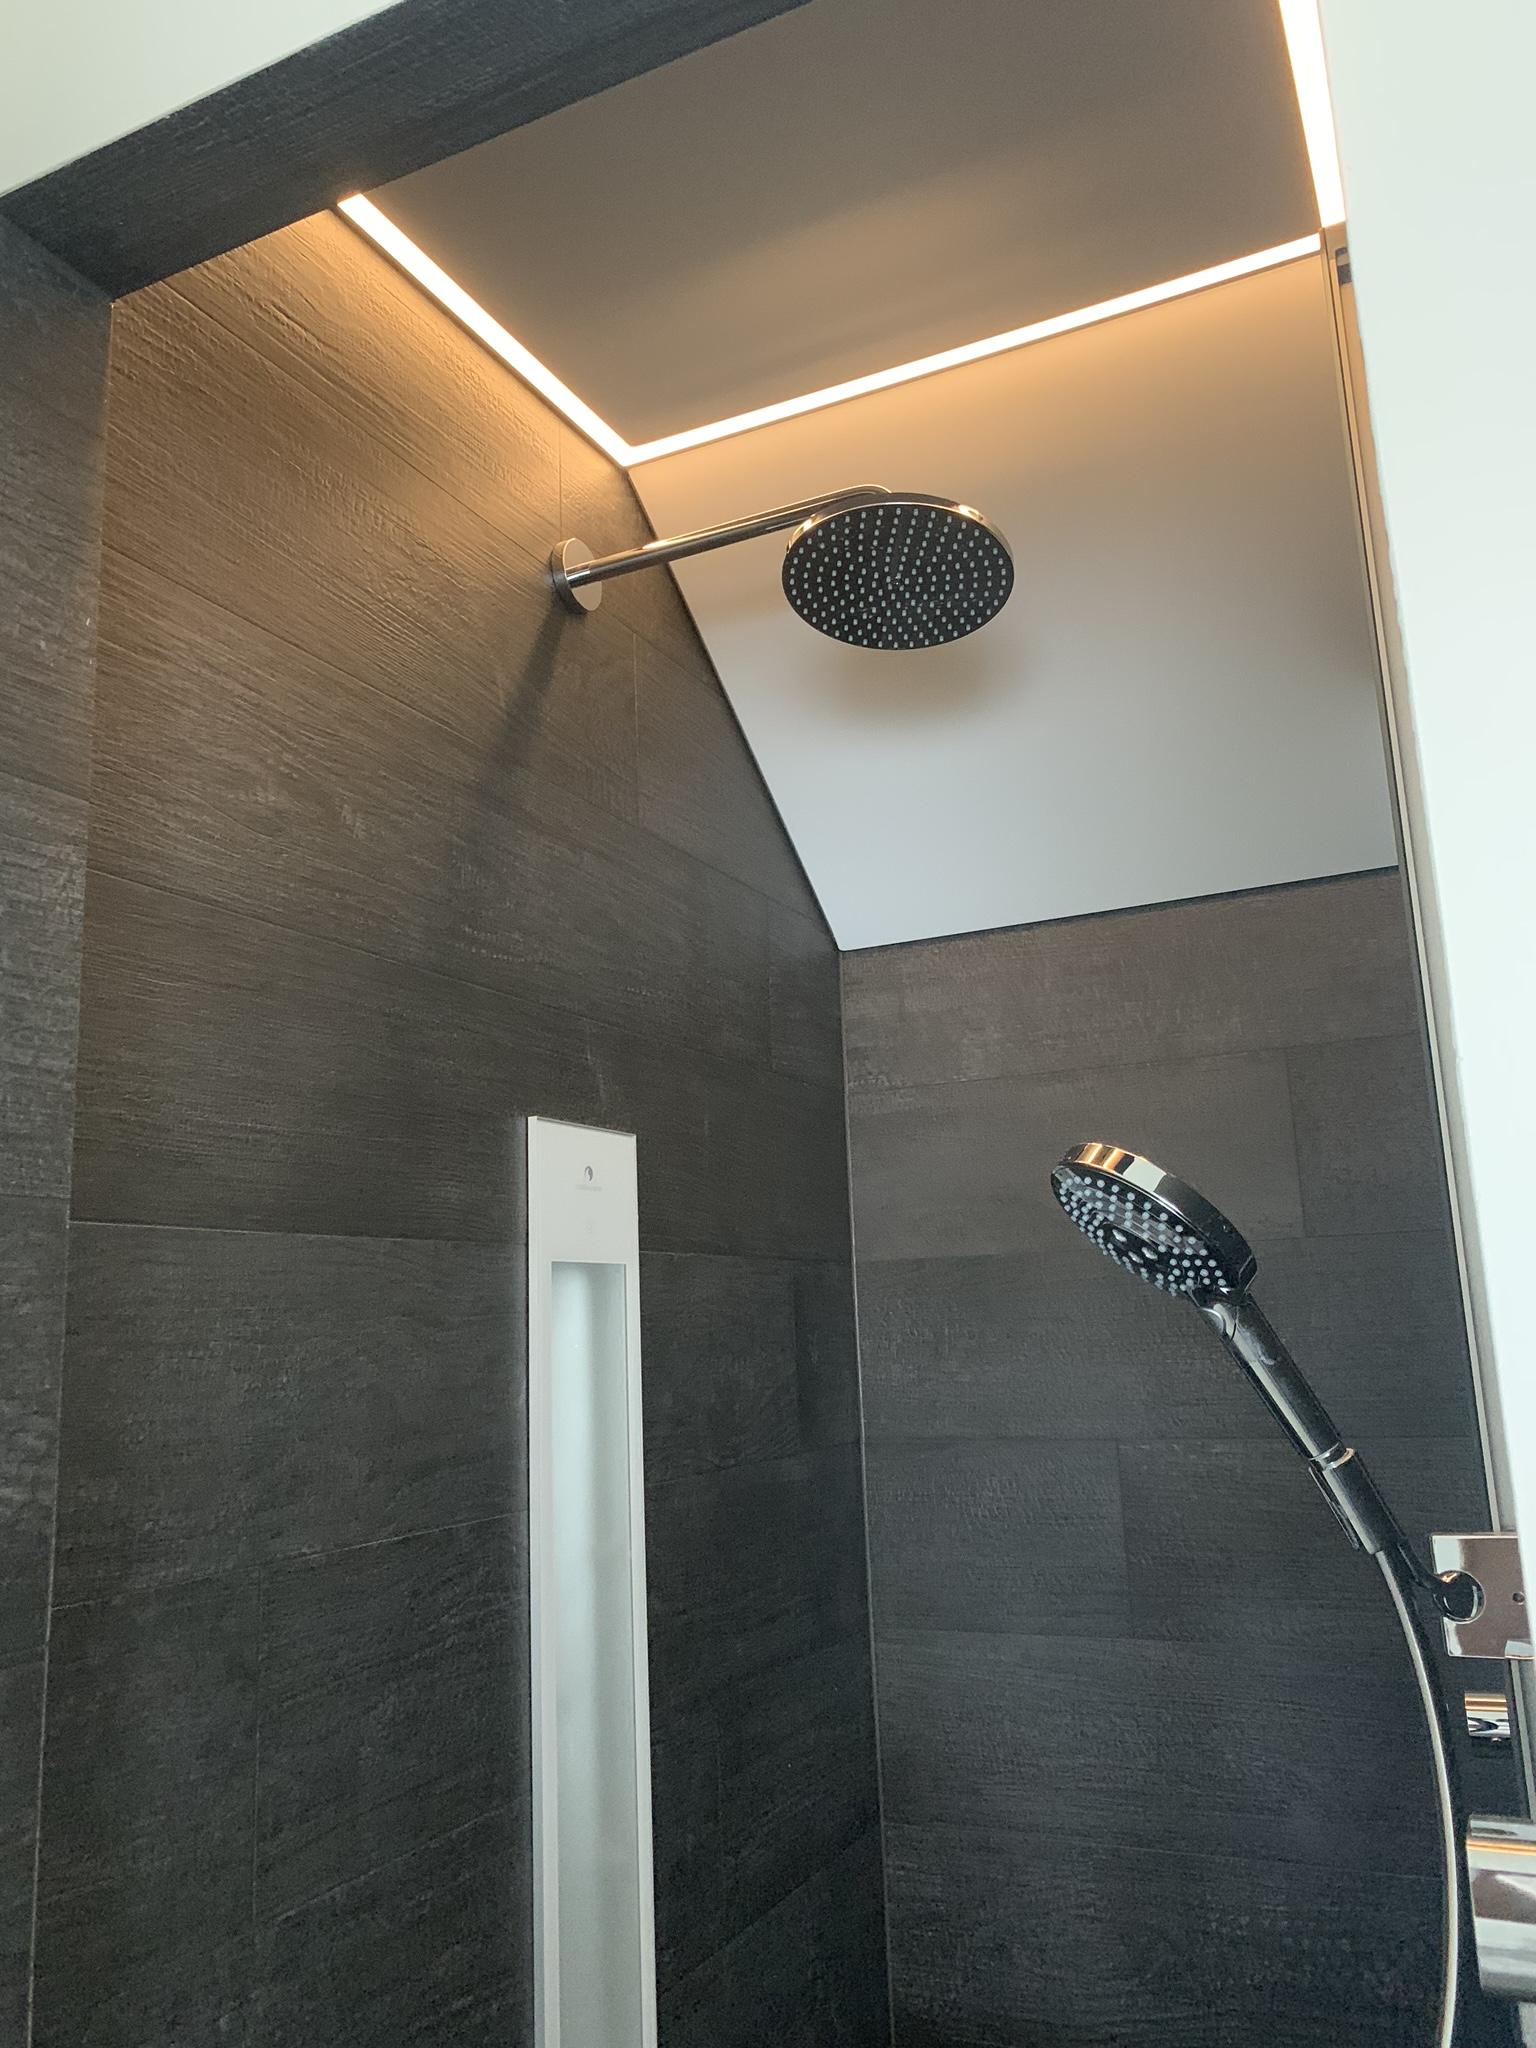 schuine wand boven uw douche voorzien van spanplafond met LED verlichting